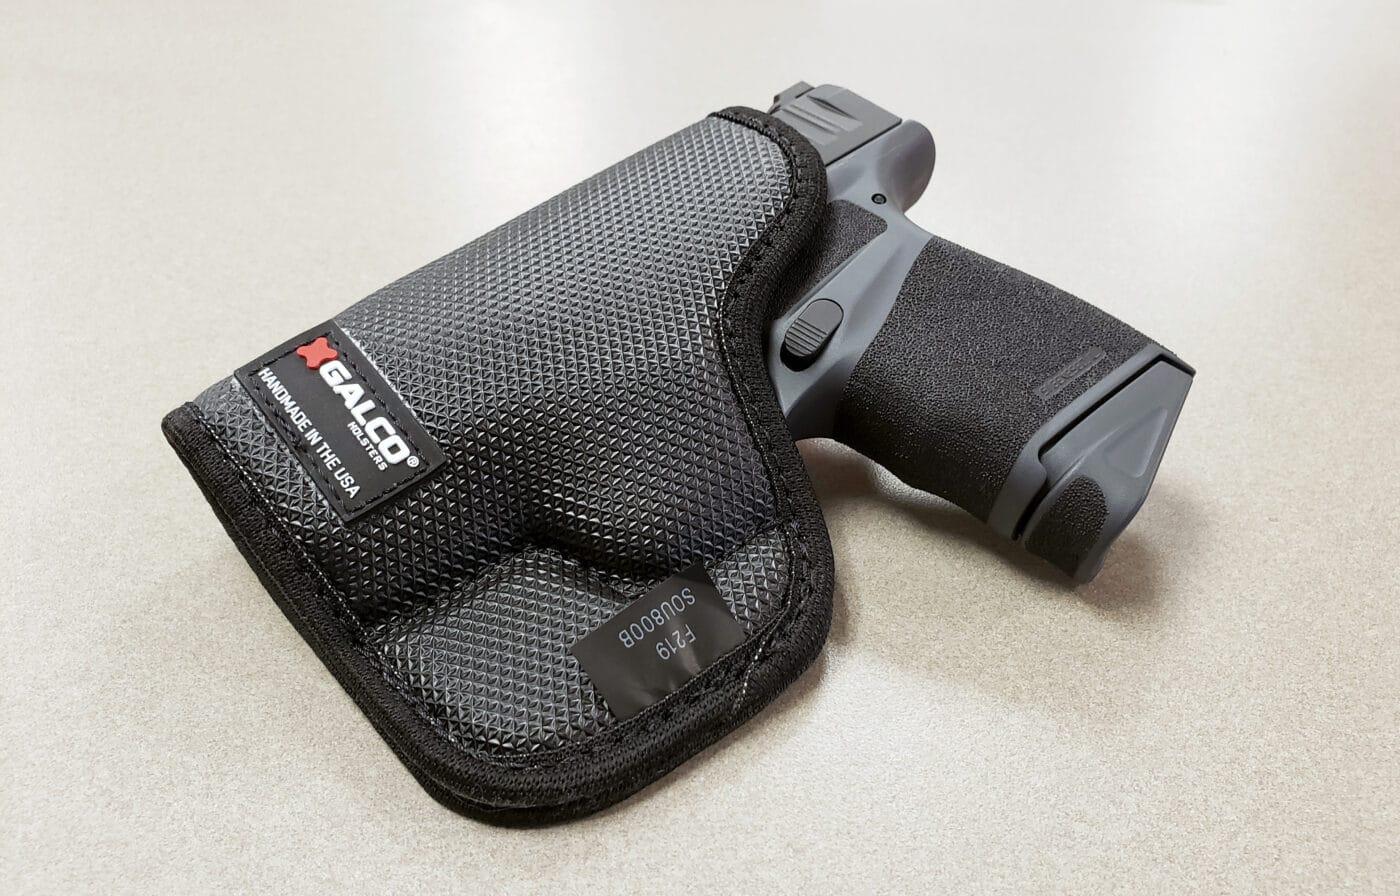 Springfield Hellcat pistol in Galco StukOn-U pocket holster